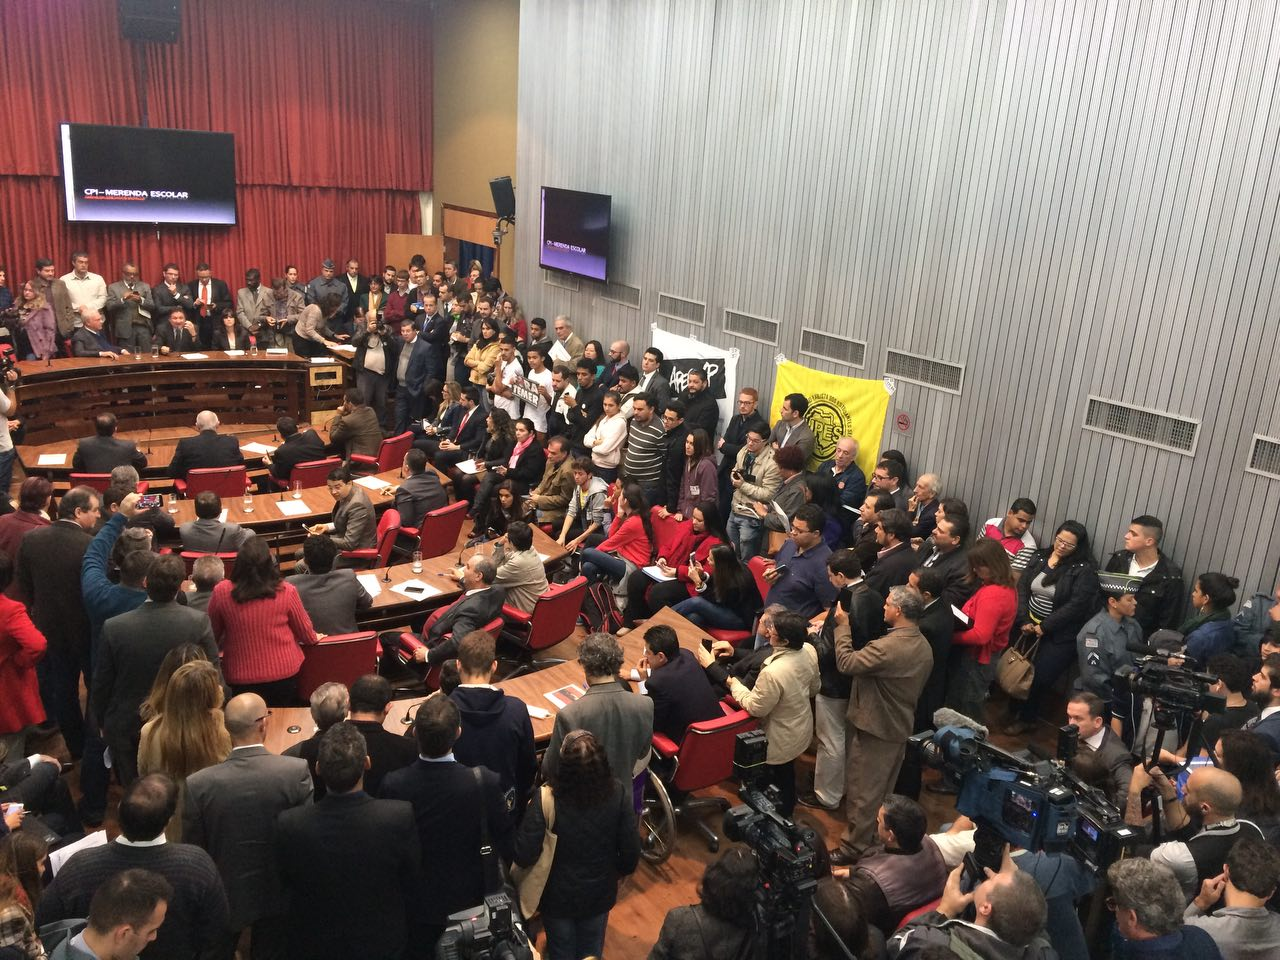 Com ataques às manifestações populares, 1ª sessão da CPI da merenda elege presidente e é remarcada na ALESP